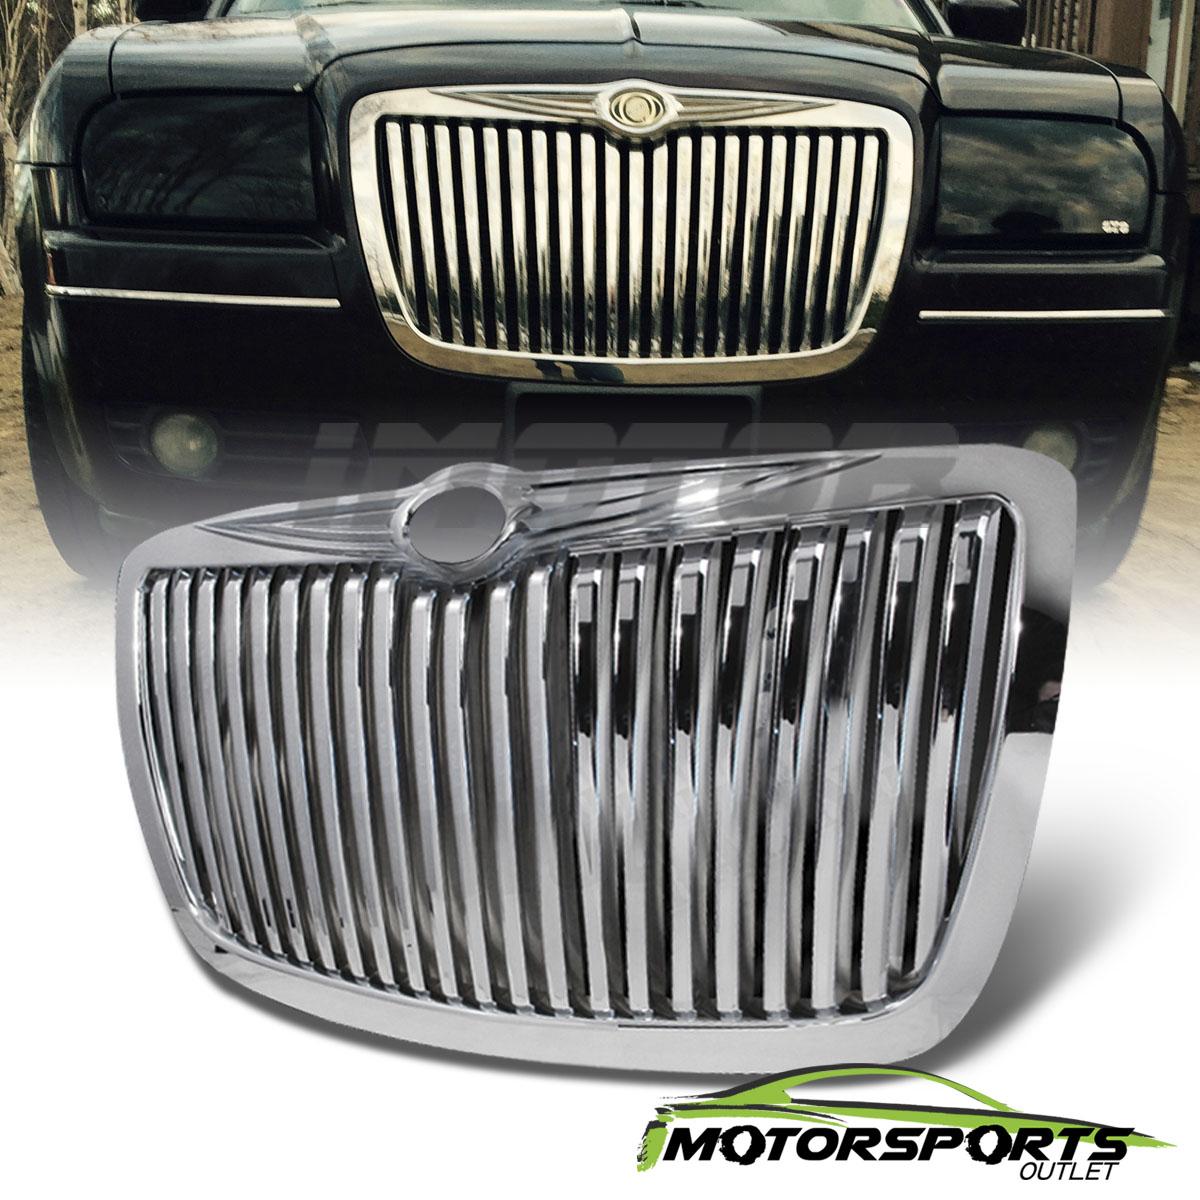 2005 2010 Chrysler 300 300c Shinny Black Vertical Front: [Rolls Royce Style] 2005-2010 Chrysler 300/300C Chrome